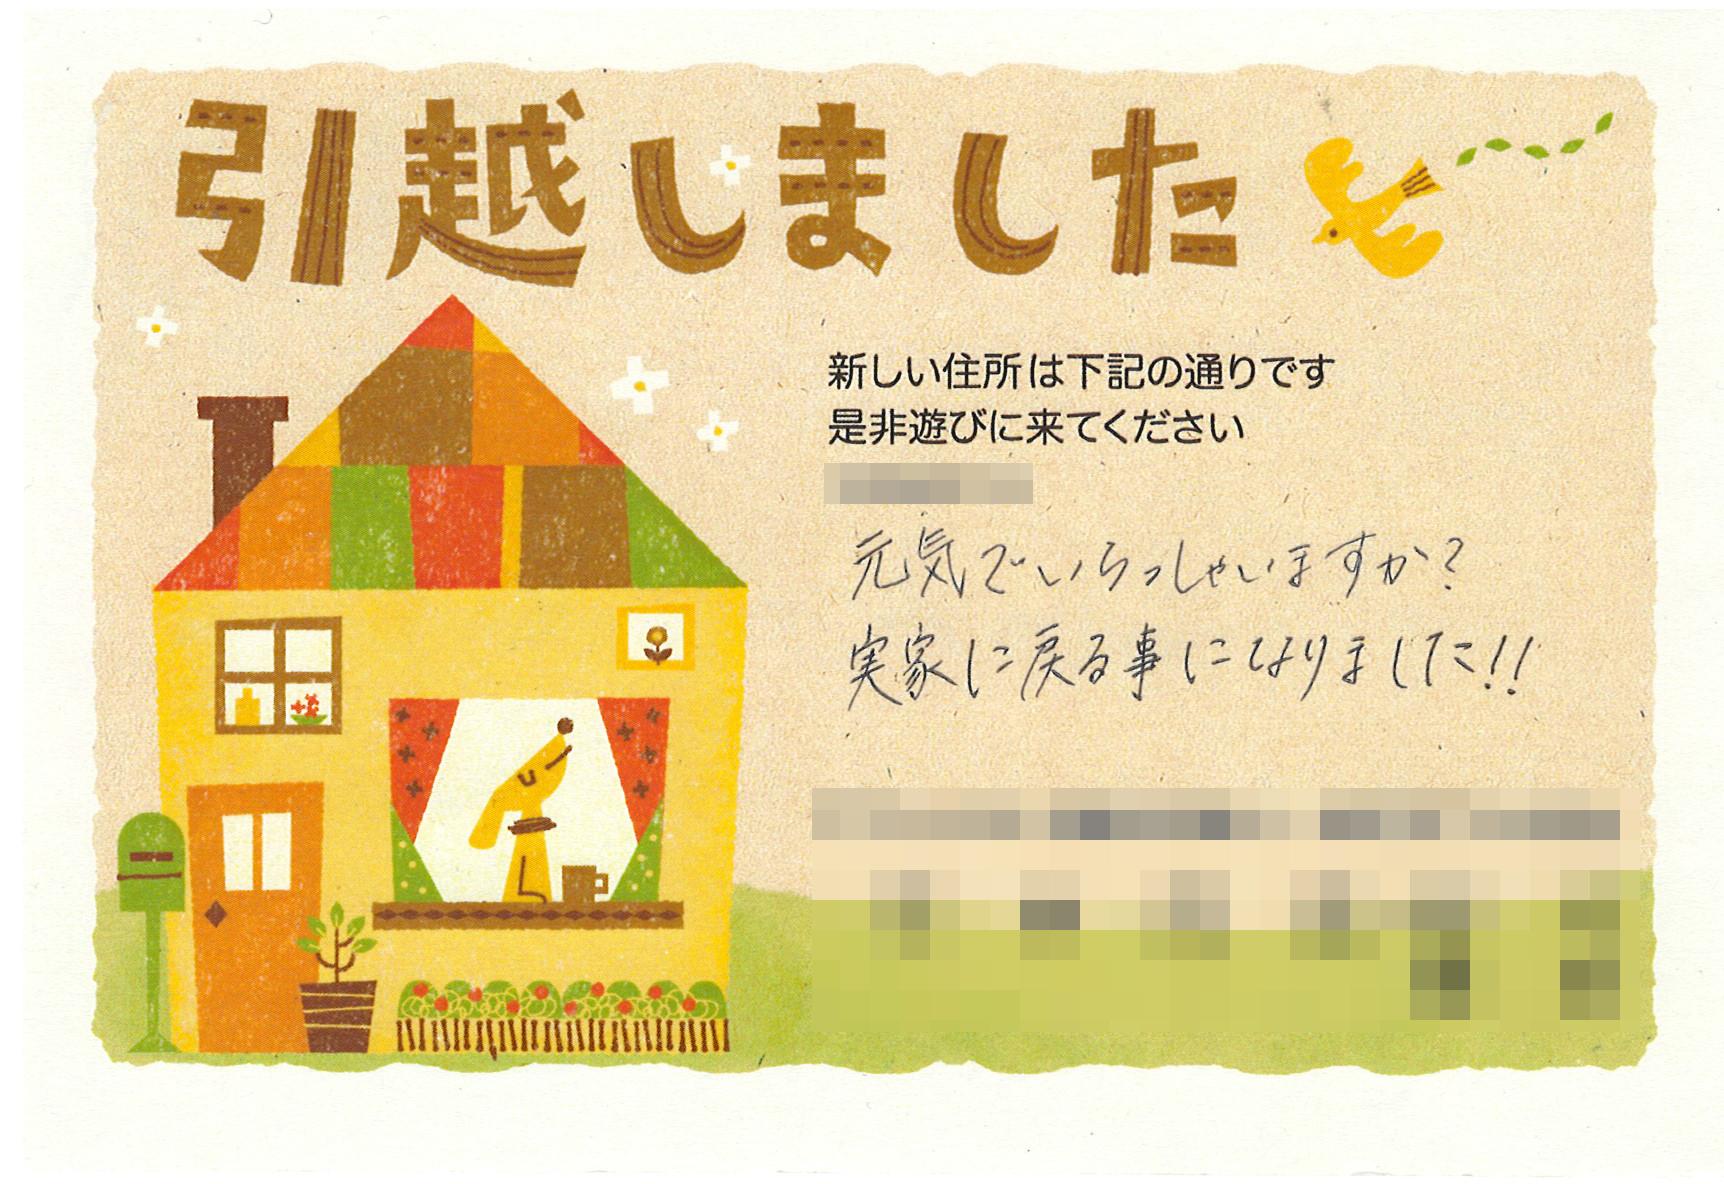 徳島のEMI結婚相談所で婚活成立して引っ越し報告